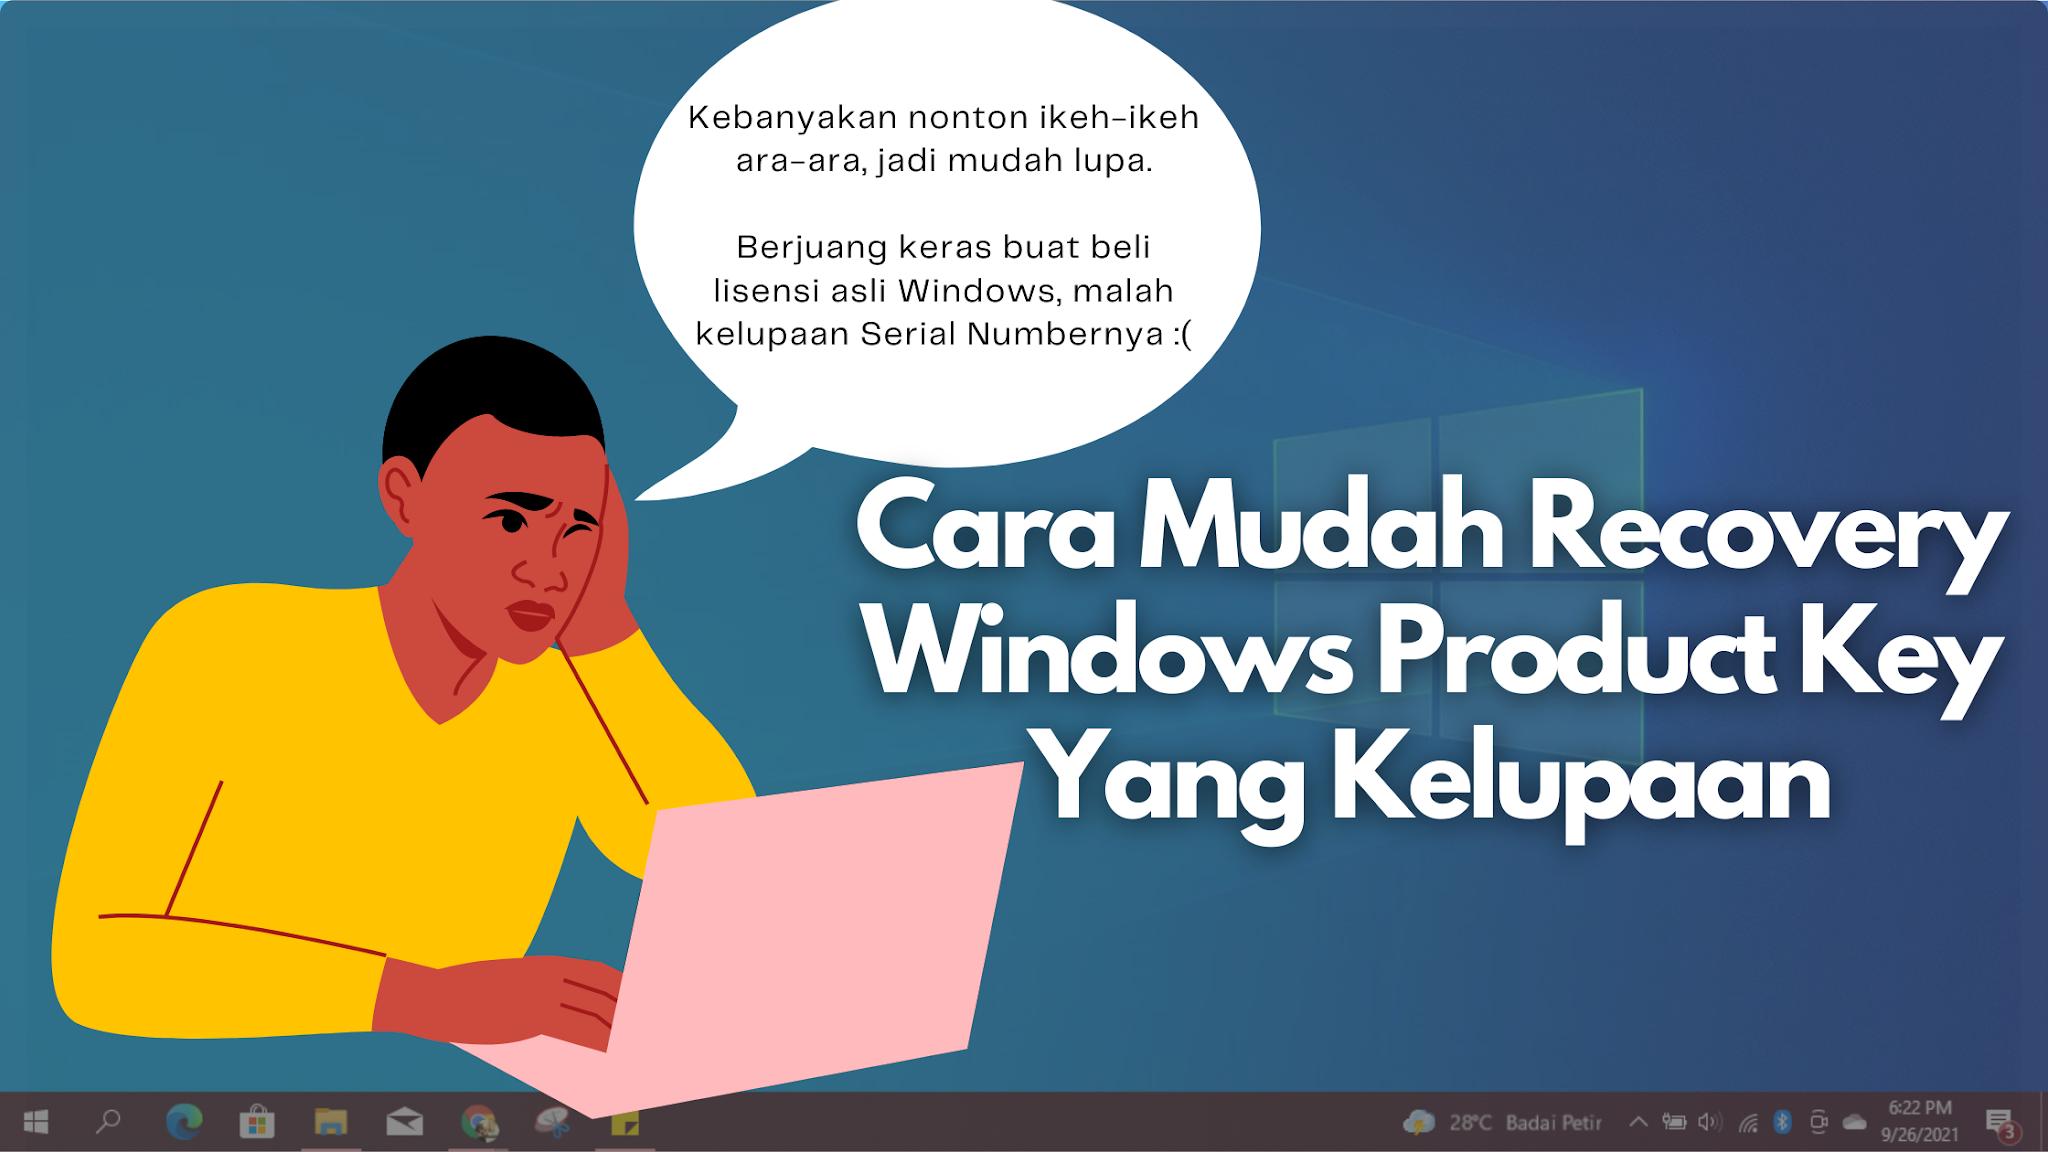 Cara Mudah Recovery Windows Product Key Yang Kelupaan